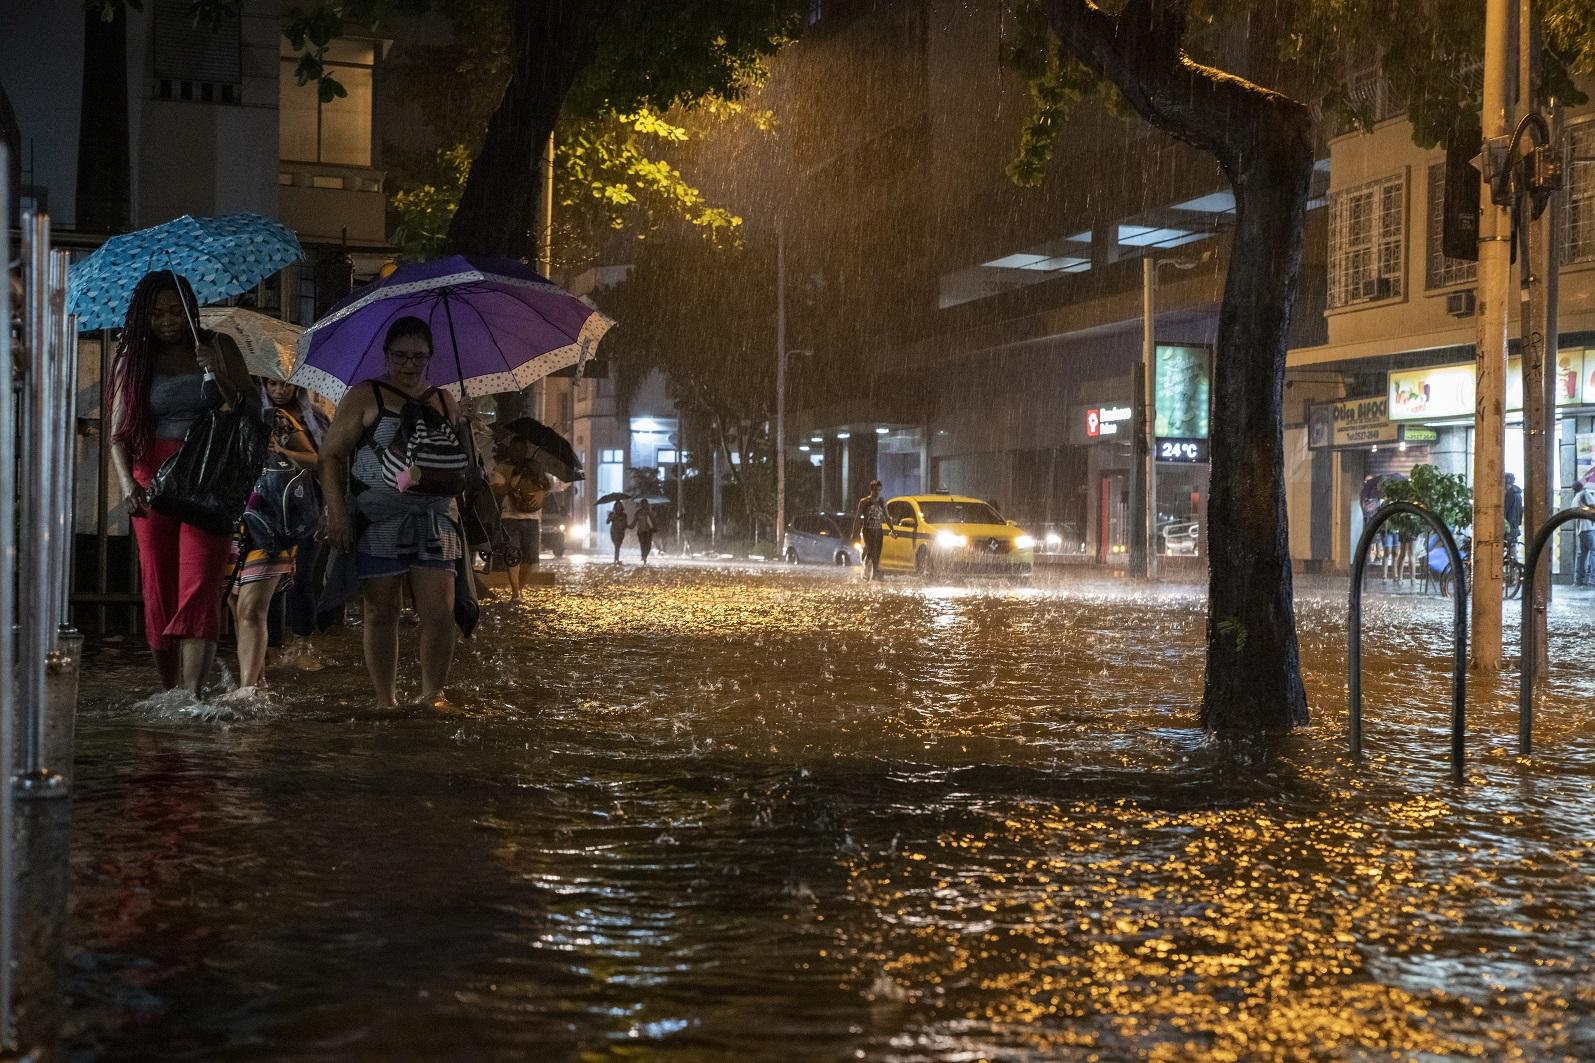 No Rio, a tempestade perfeita do mês de abril juntou a força da natureza, com o descaso do governo e a falta de educação da população. Foto AFP